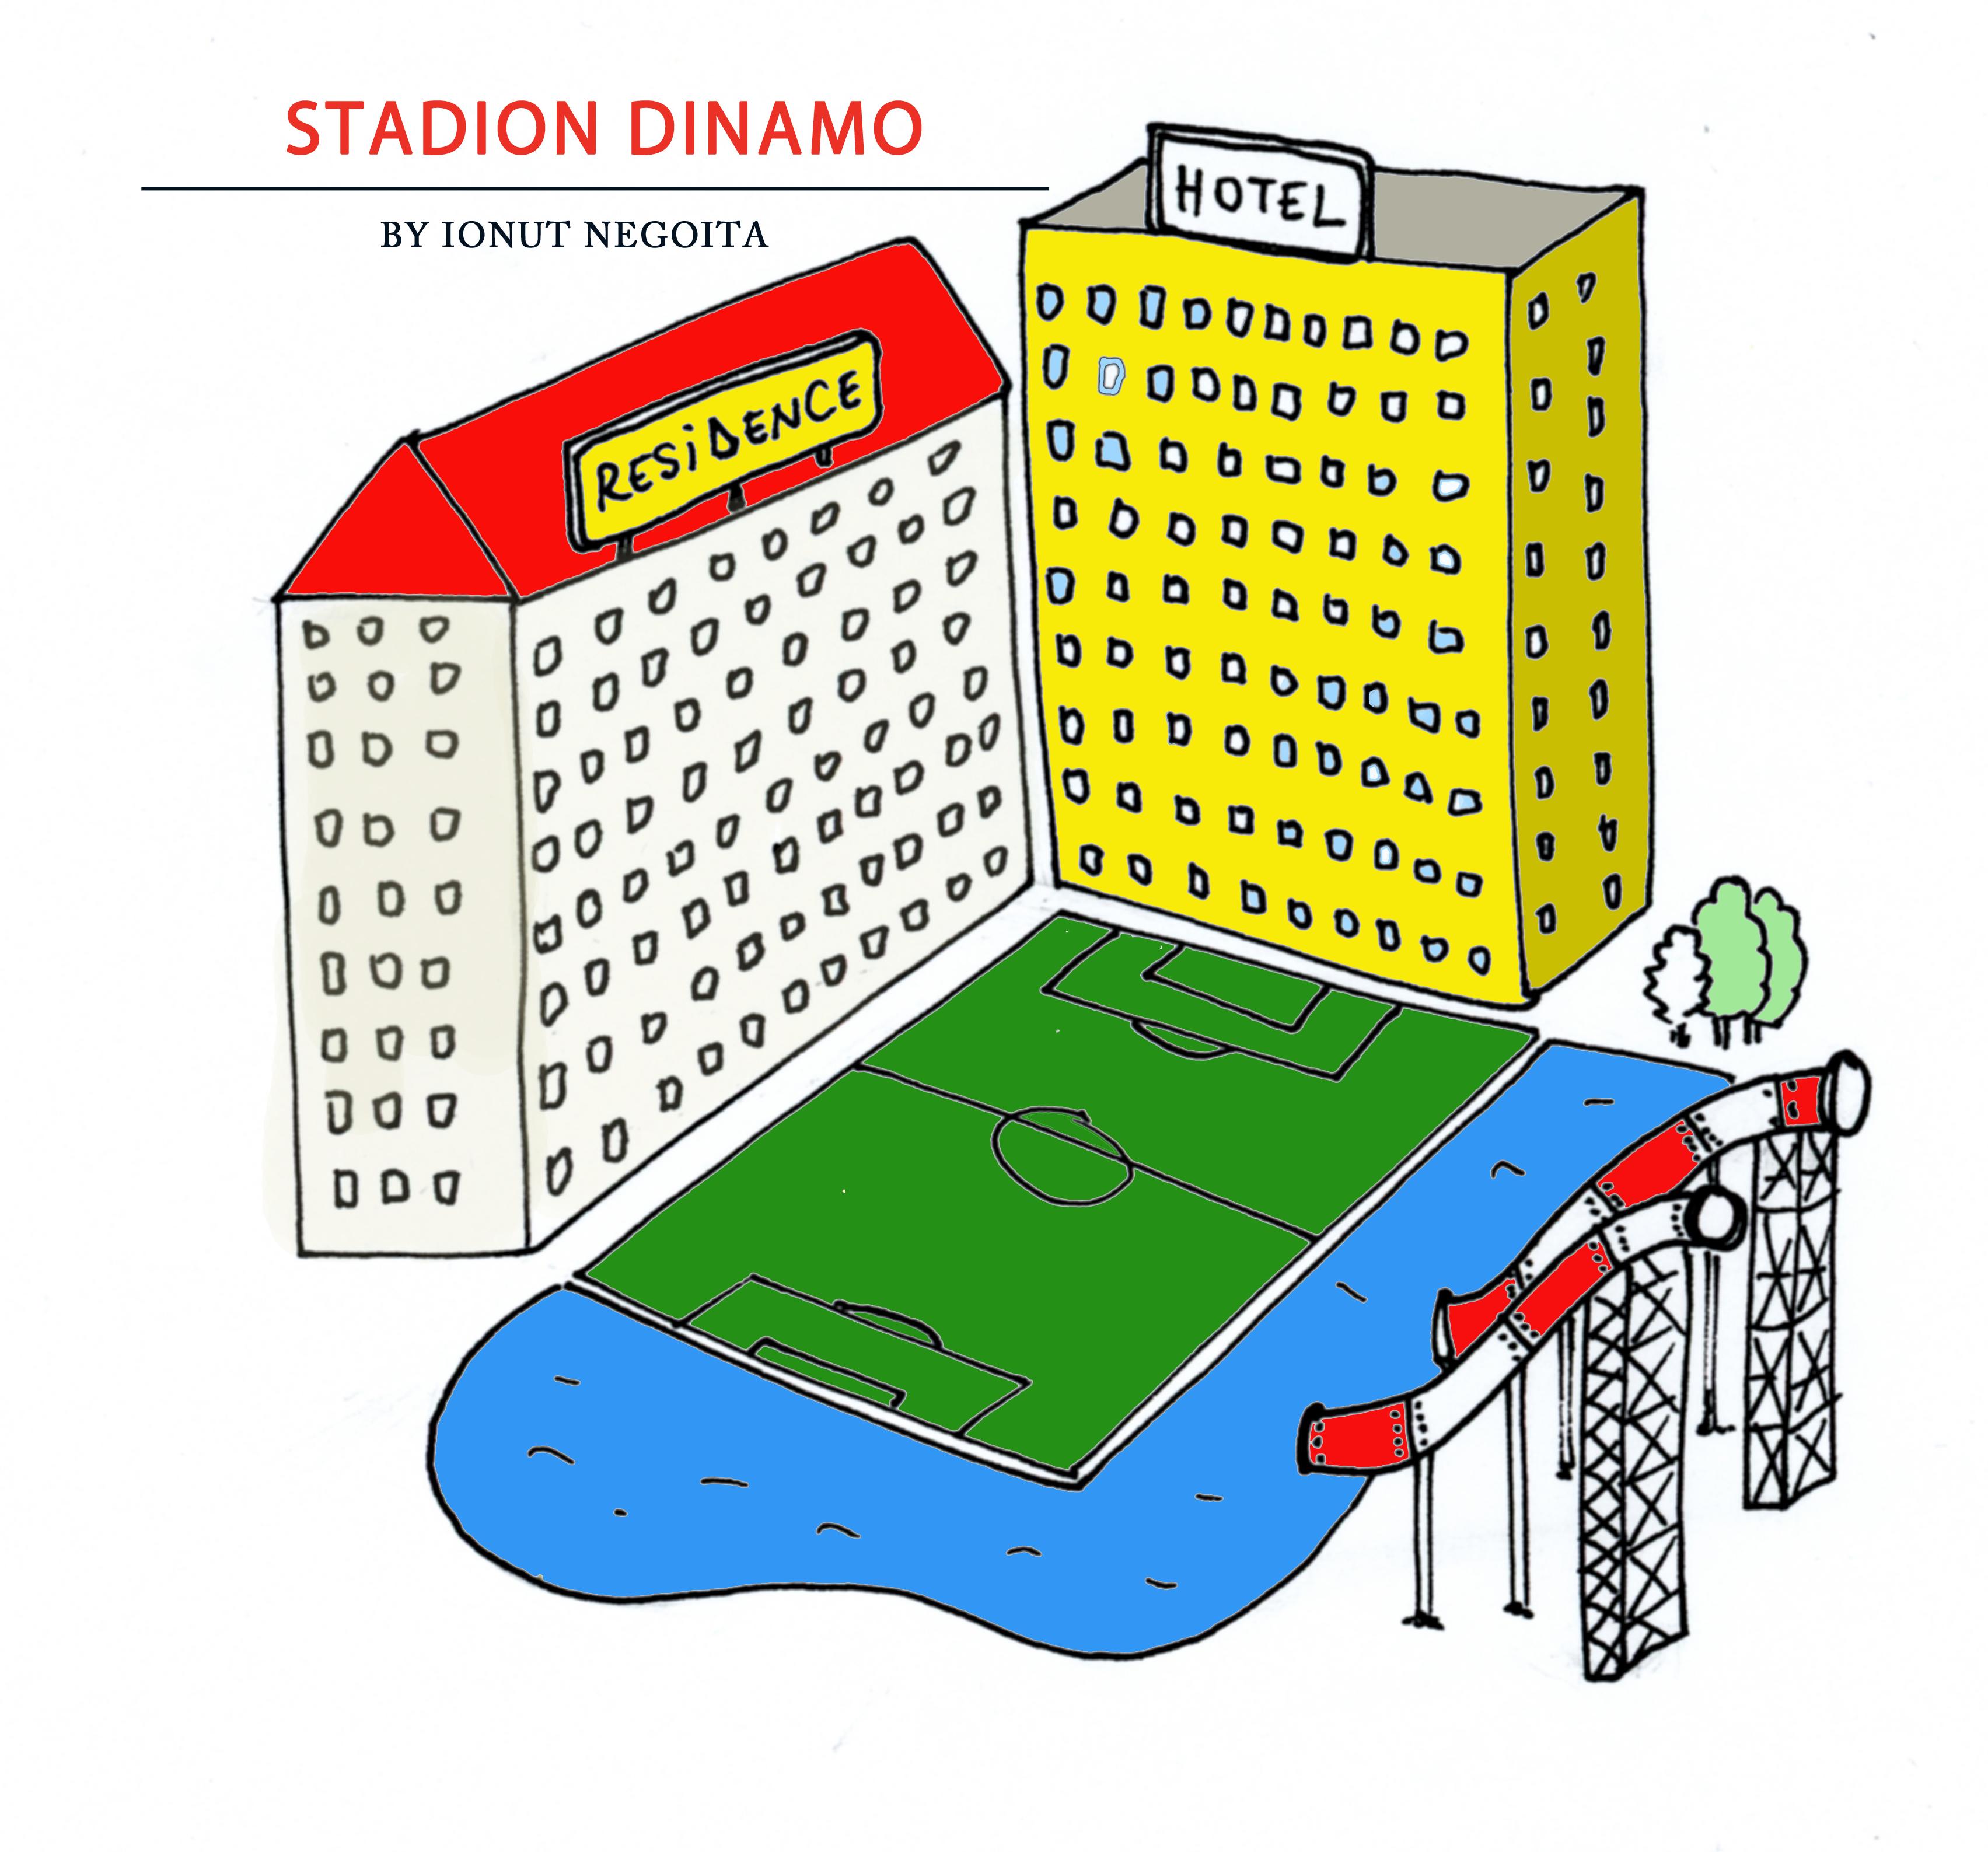 Noul Stadion Dinamo în viziunea lui Ionuț Negoiță